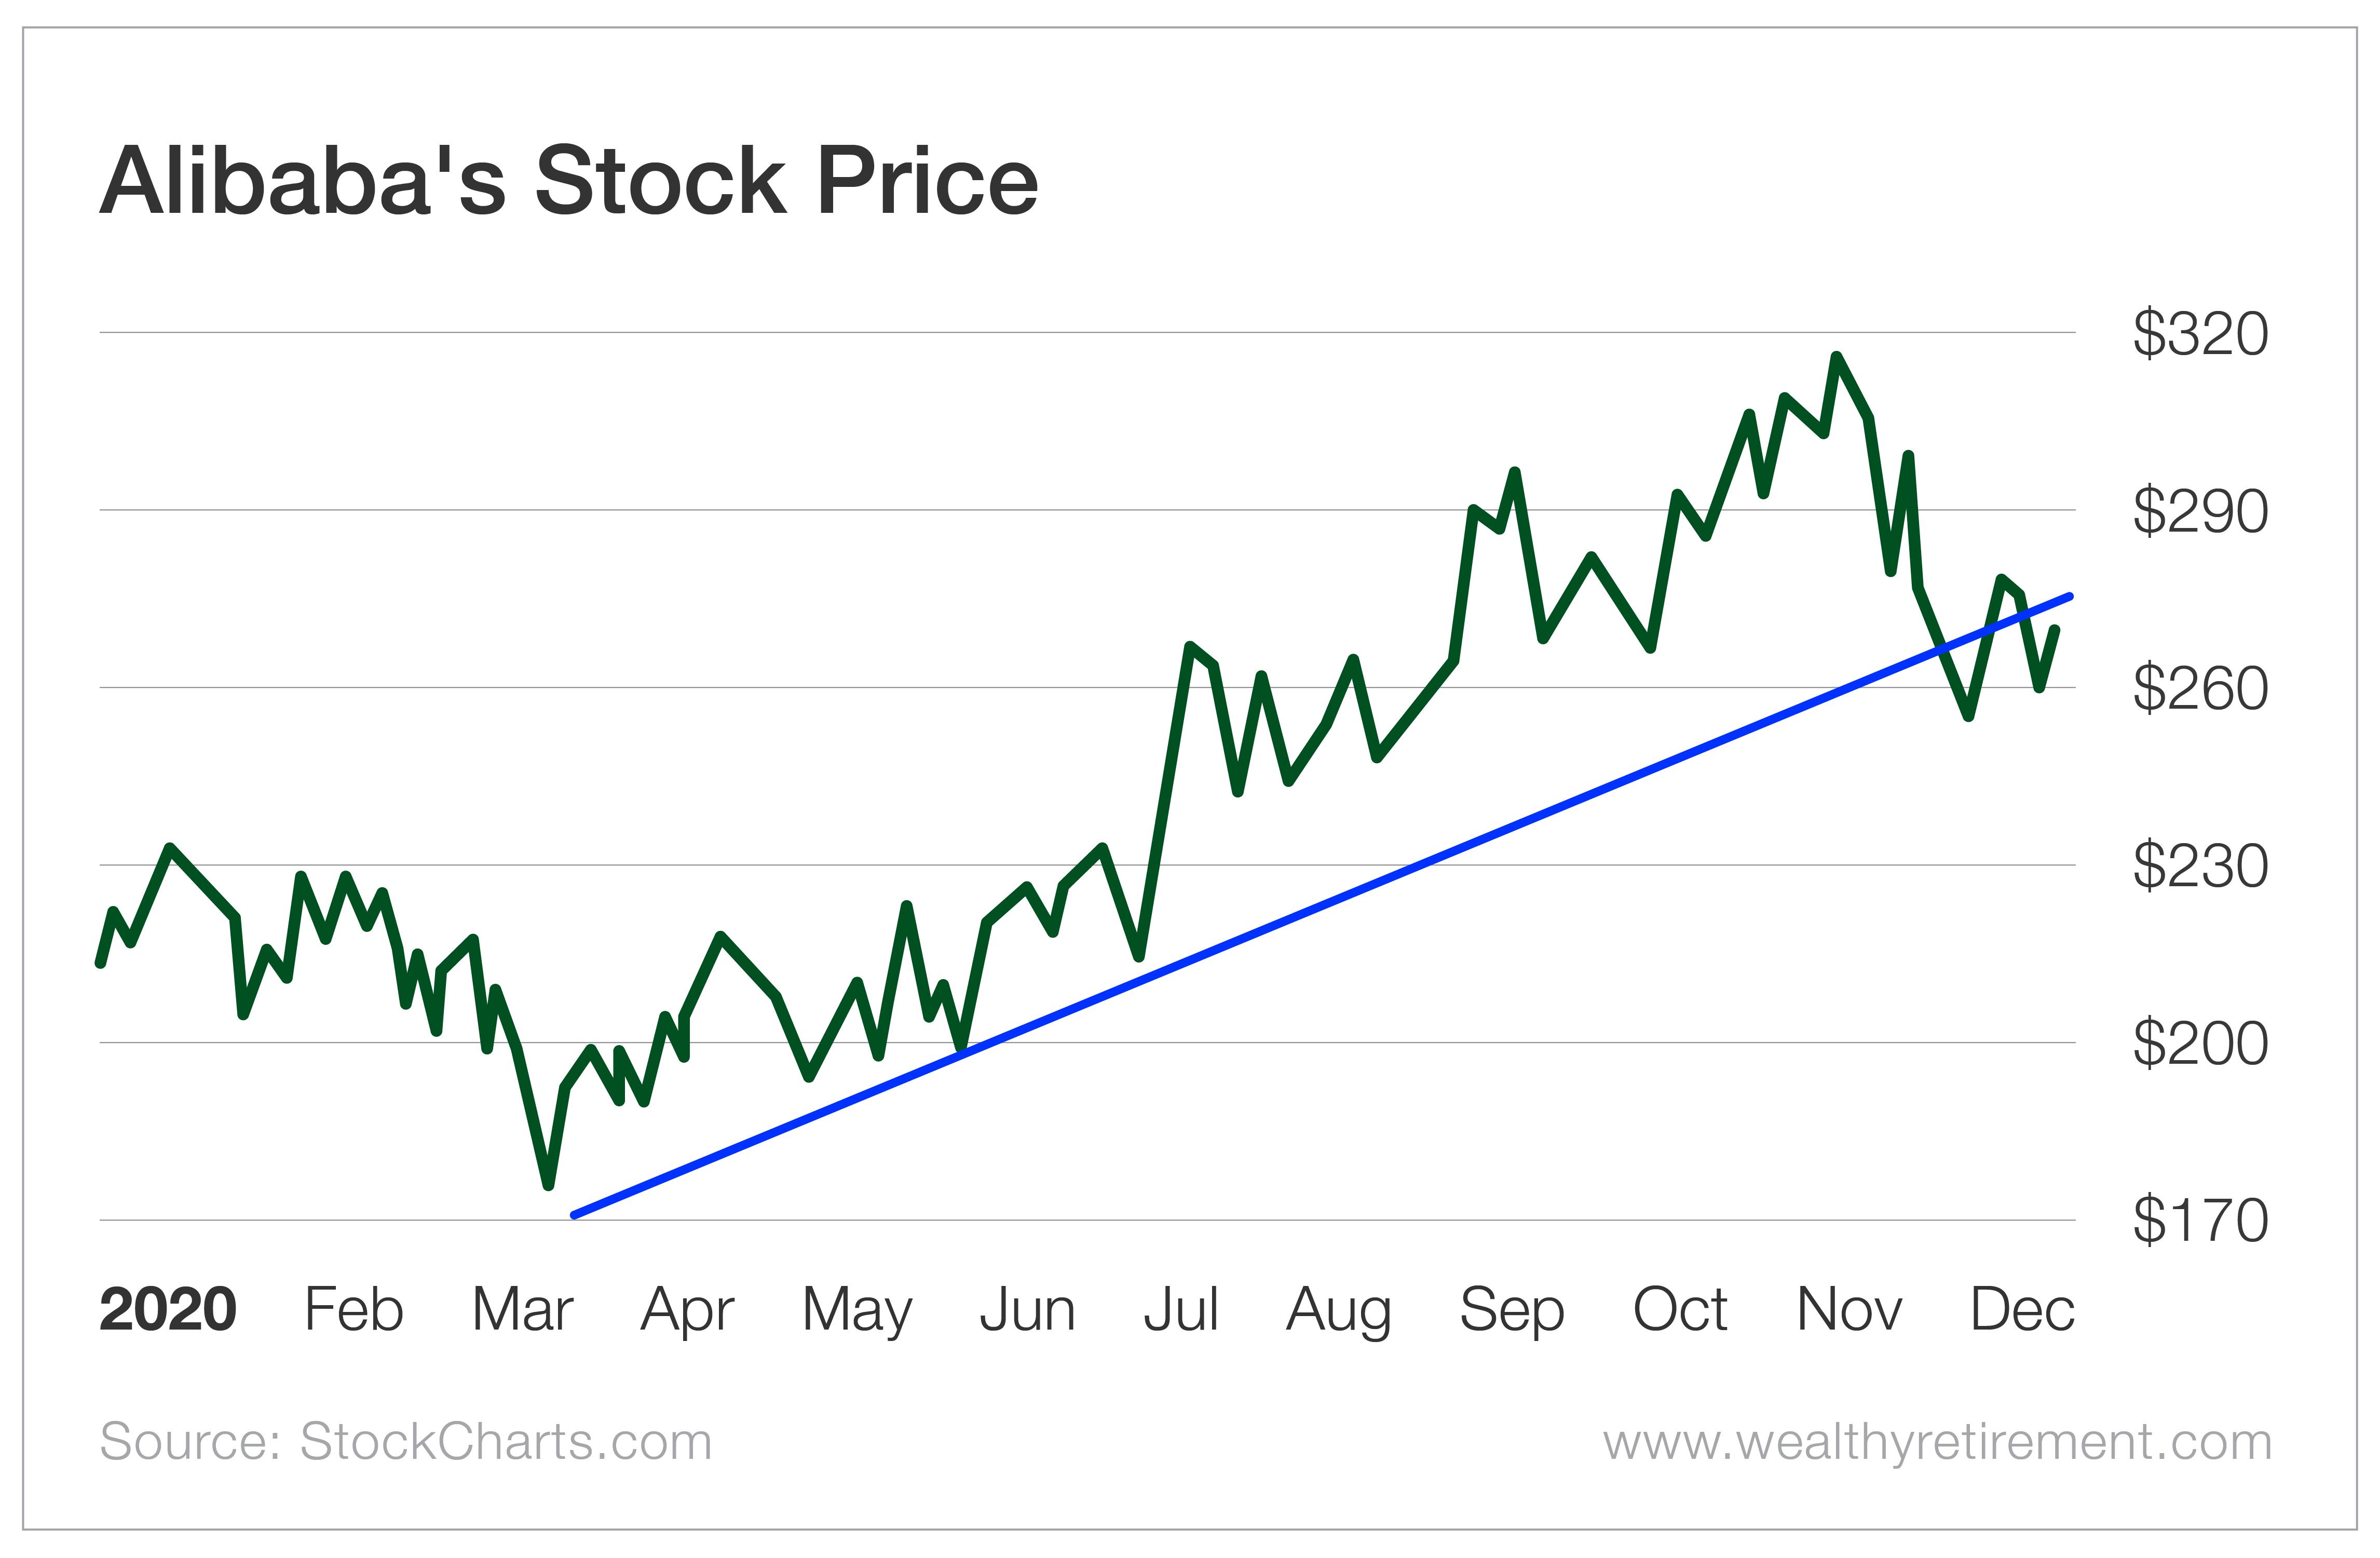 Alibaba's Stock Price